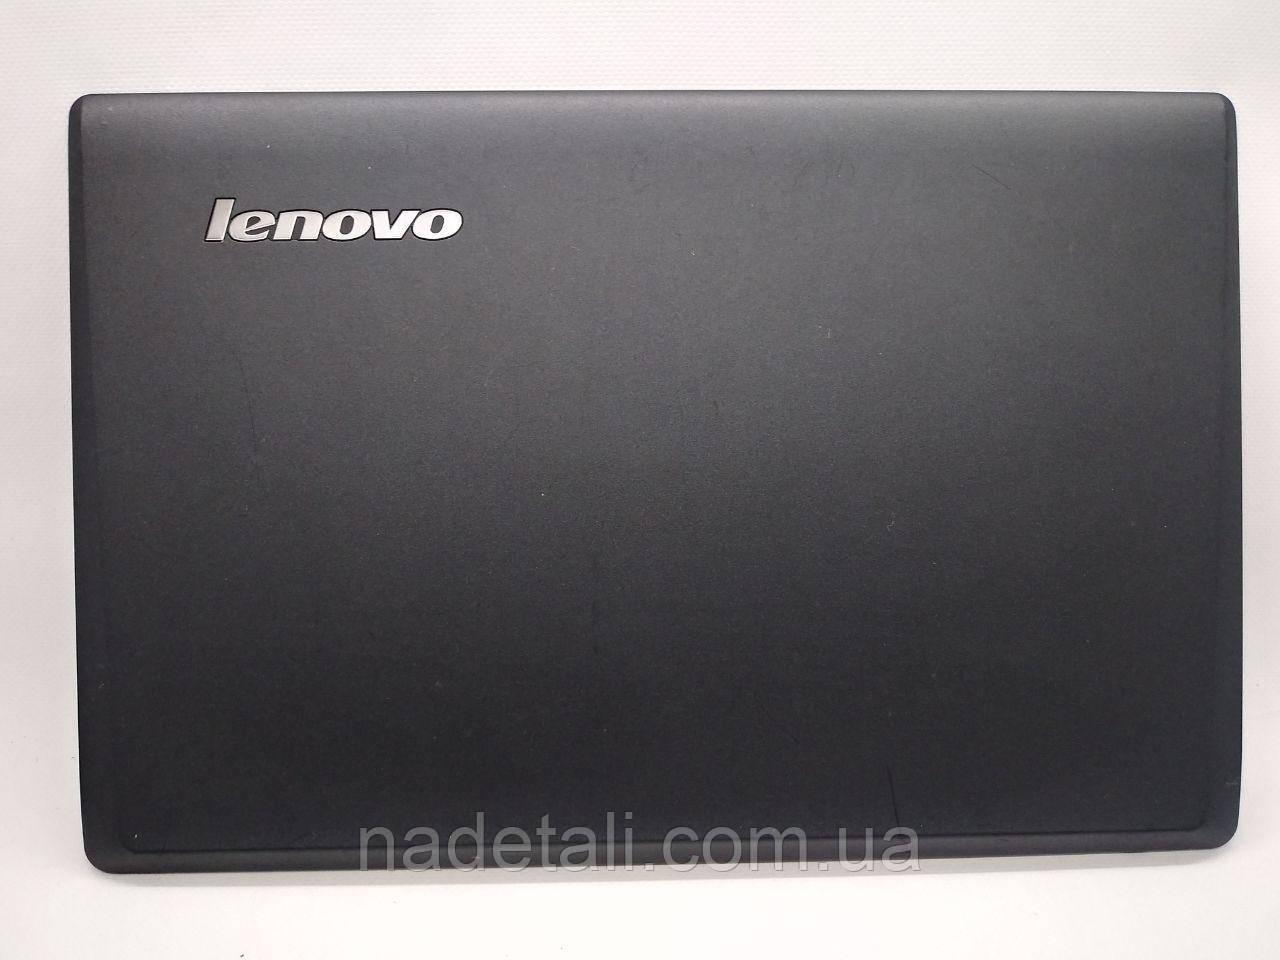 Крышка матрицы Lenovo G565 AP0BP0004001